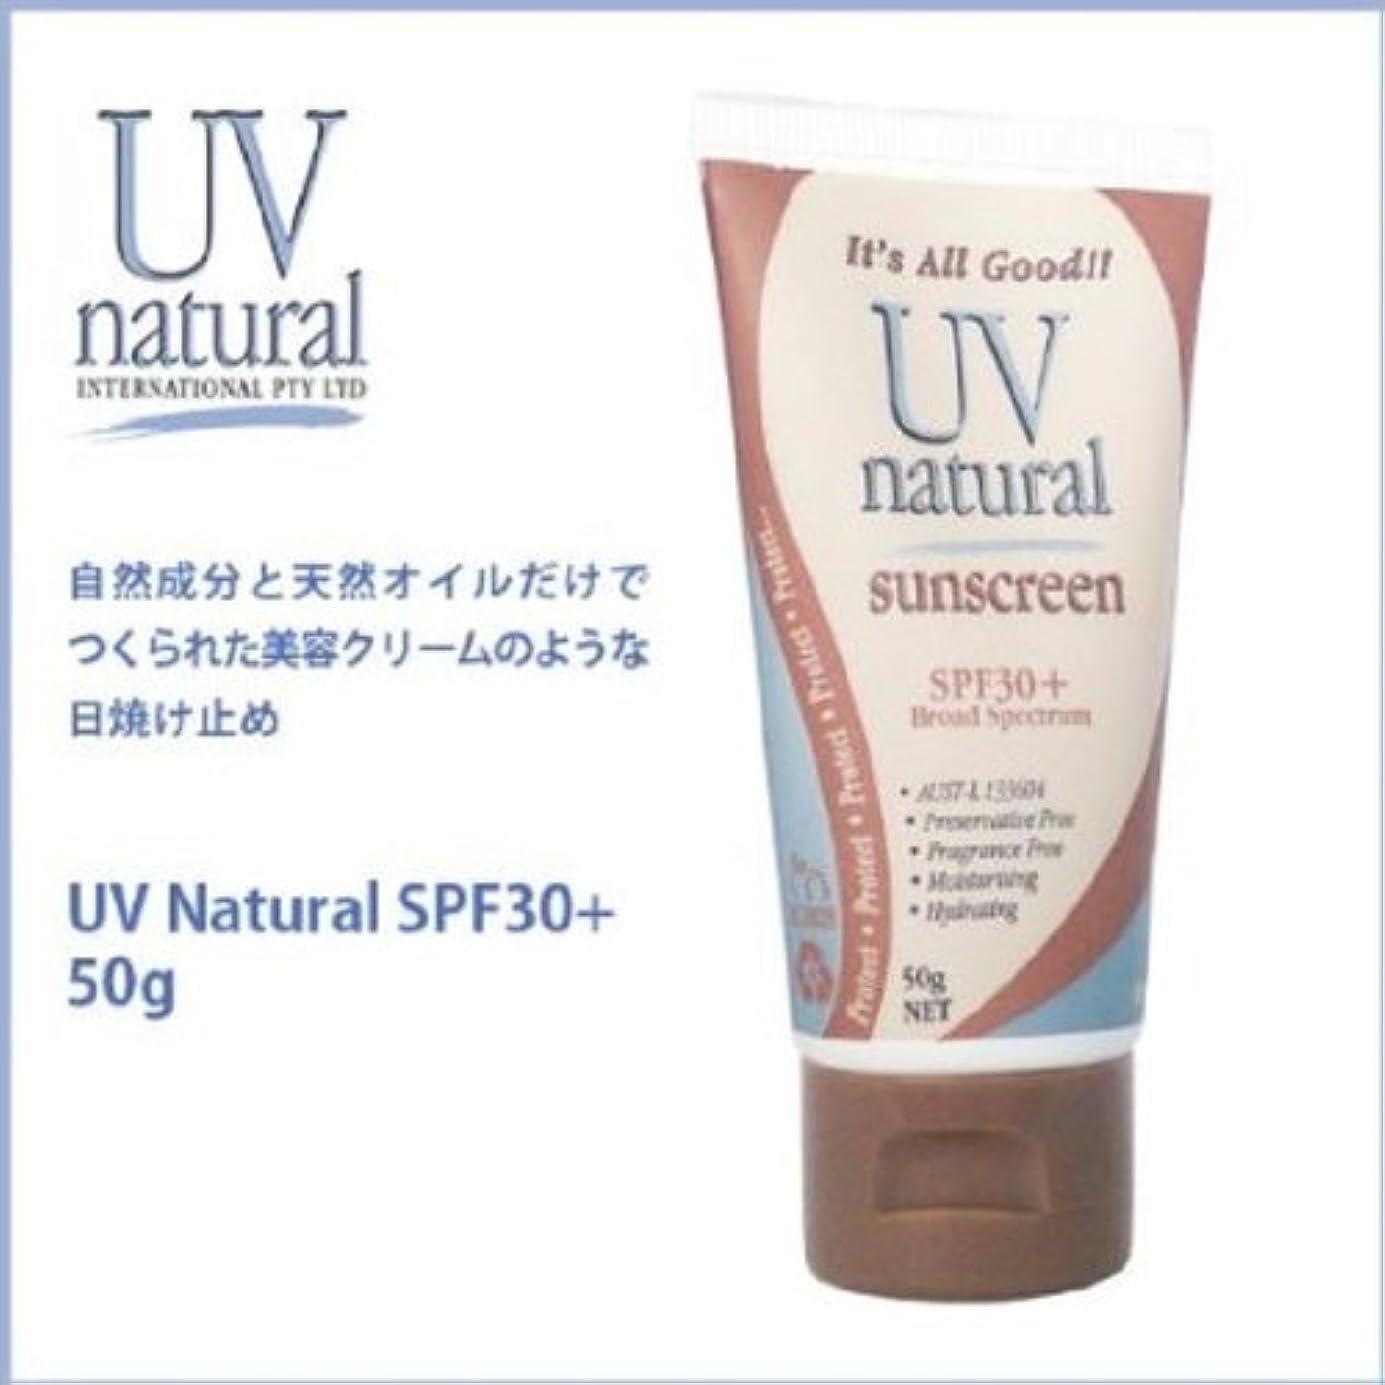 クロール予防接種するアクセサリー【UV NATURAL】日焼け止め Natural SPF30+ 50g 3本セット